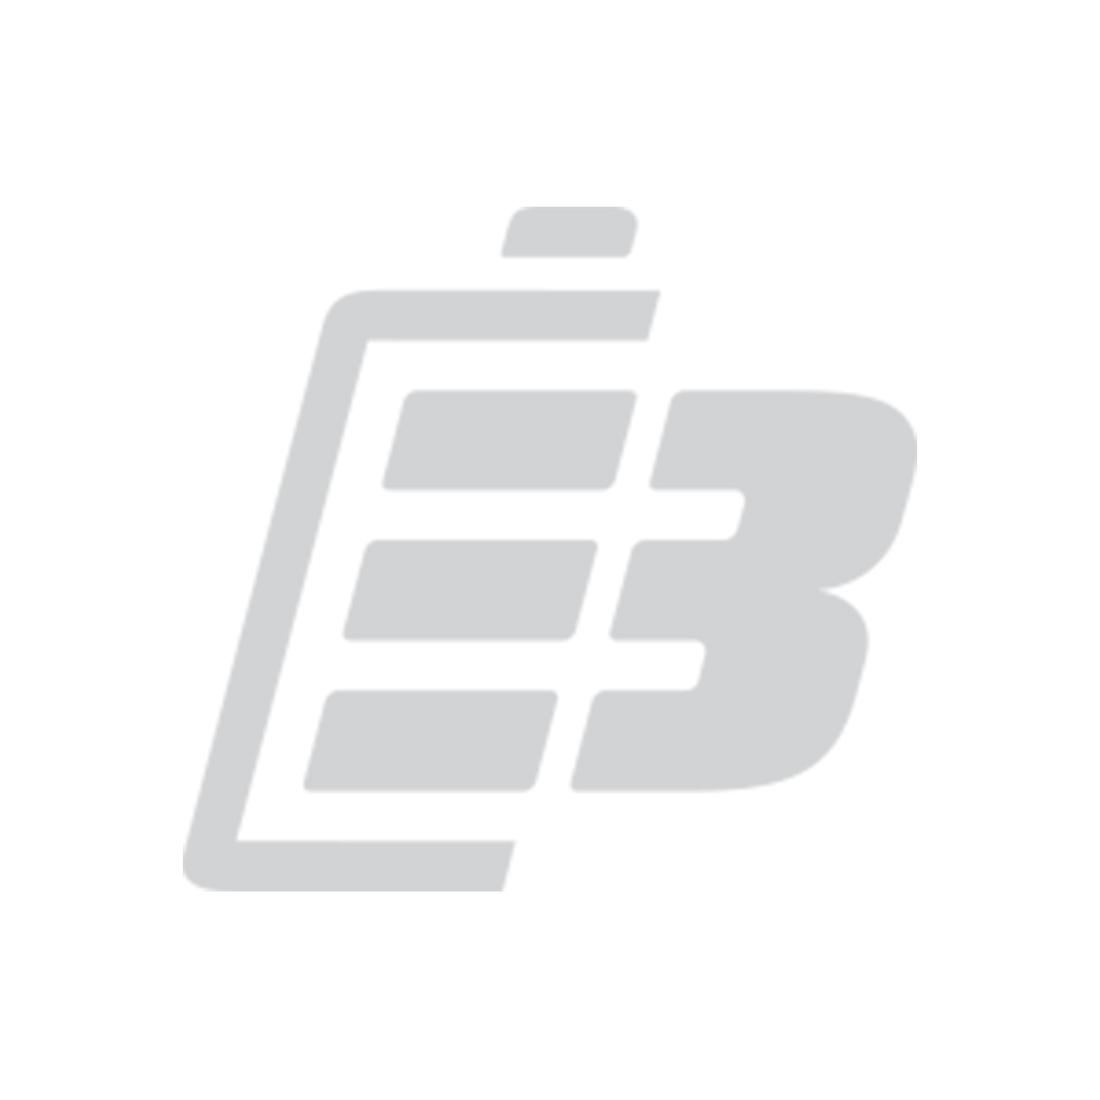 Μπαταρία κουμπί 361 - 362